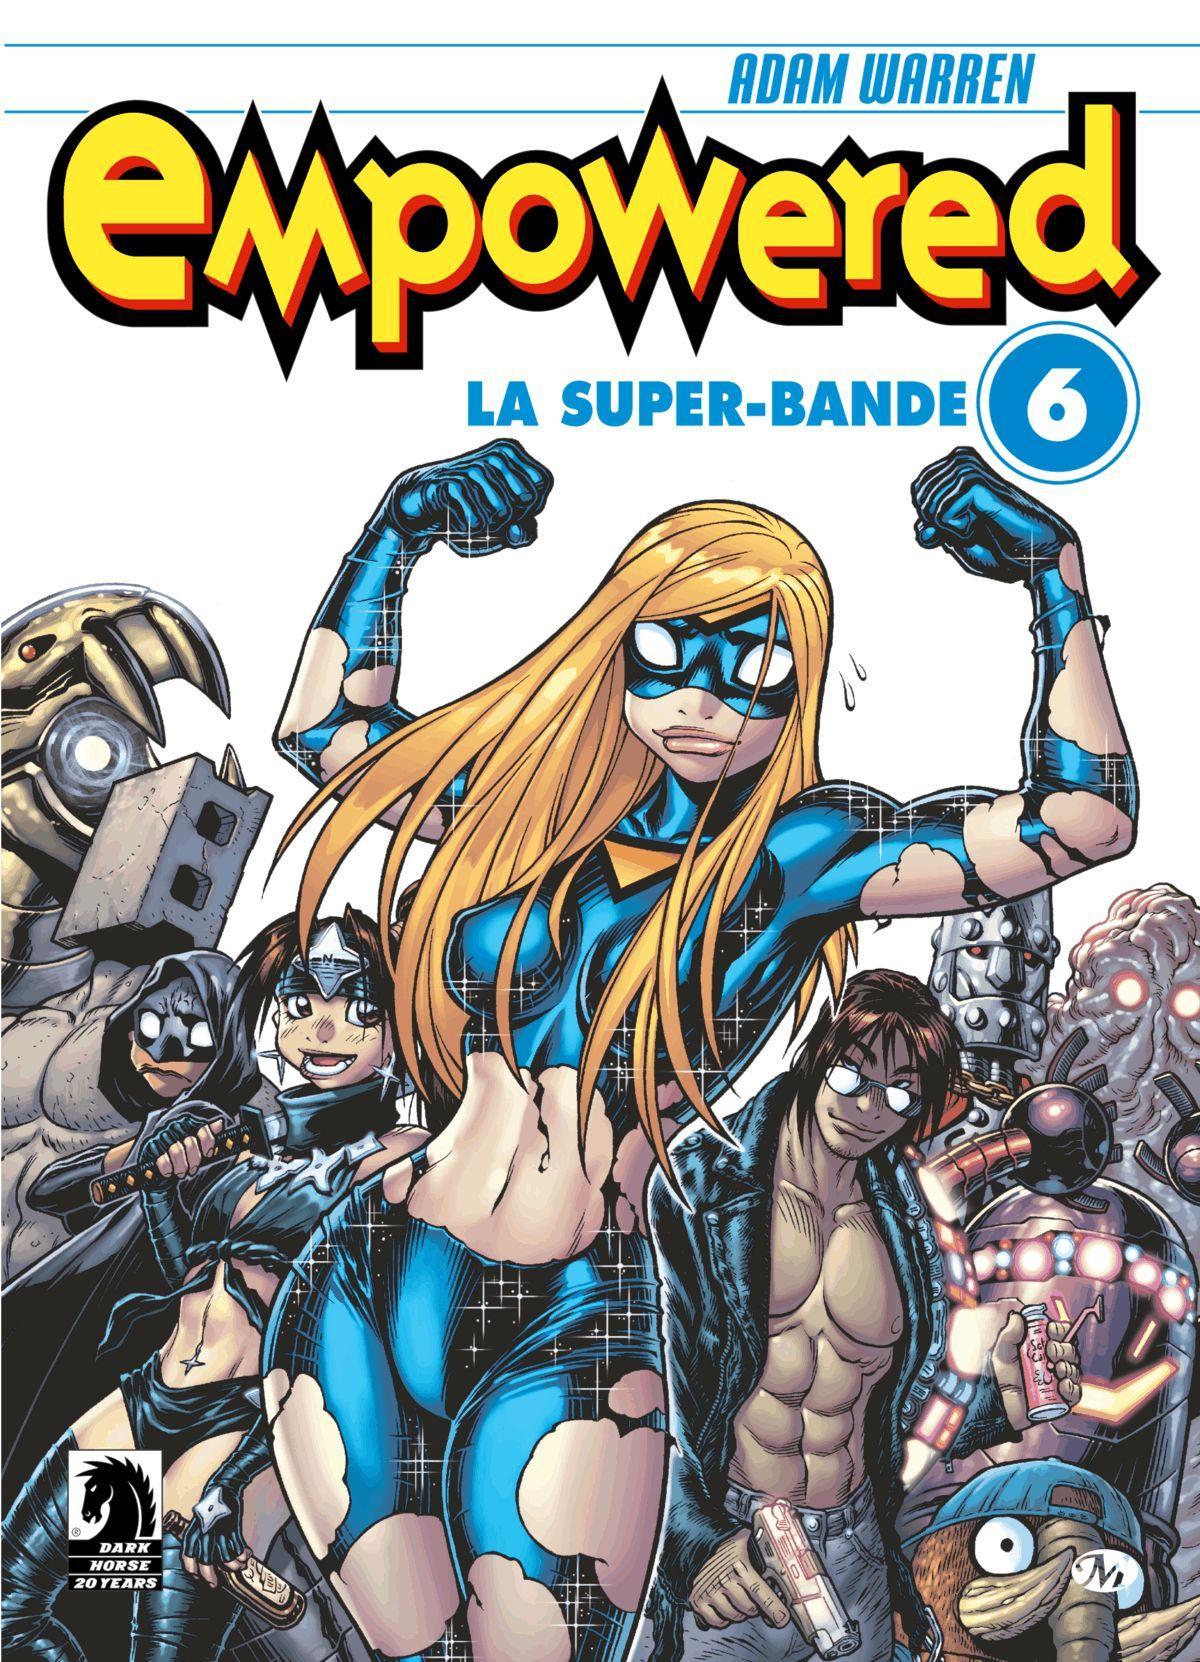 Empowered #6 : La Super-Bande, EMPOWERED, T6